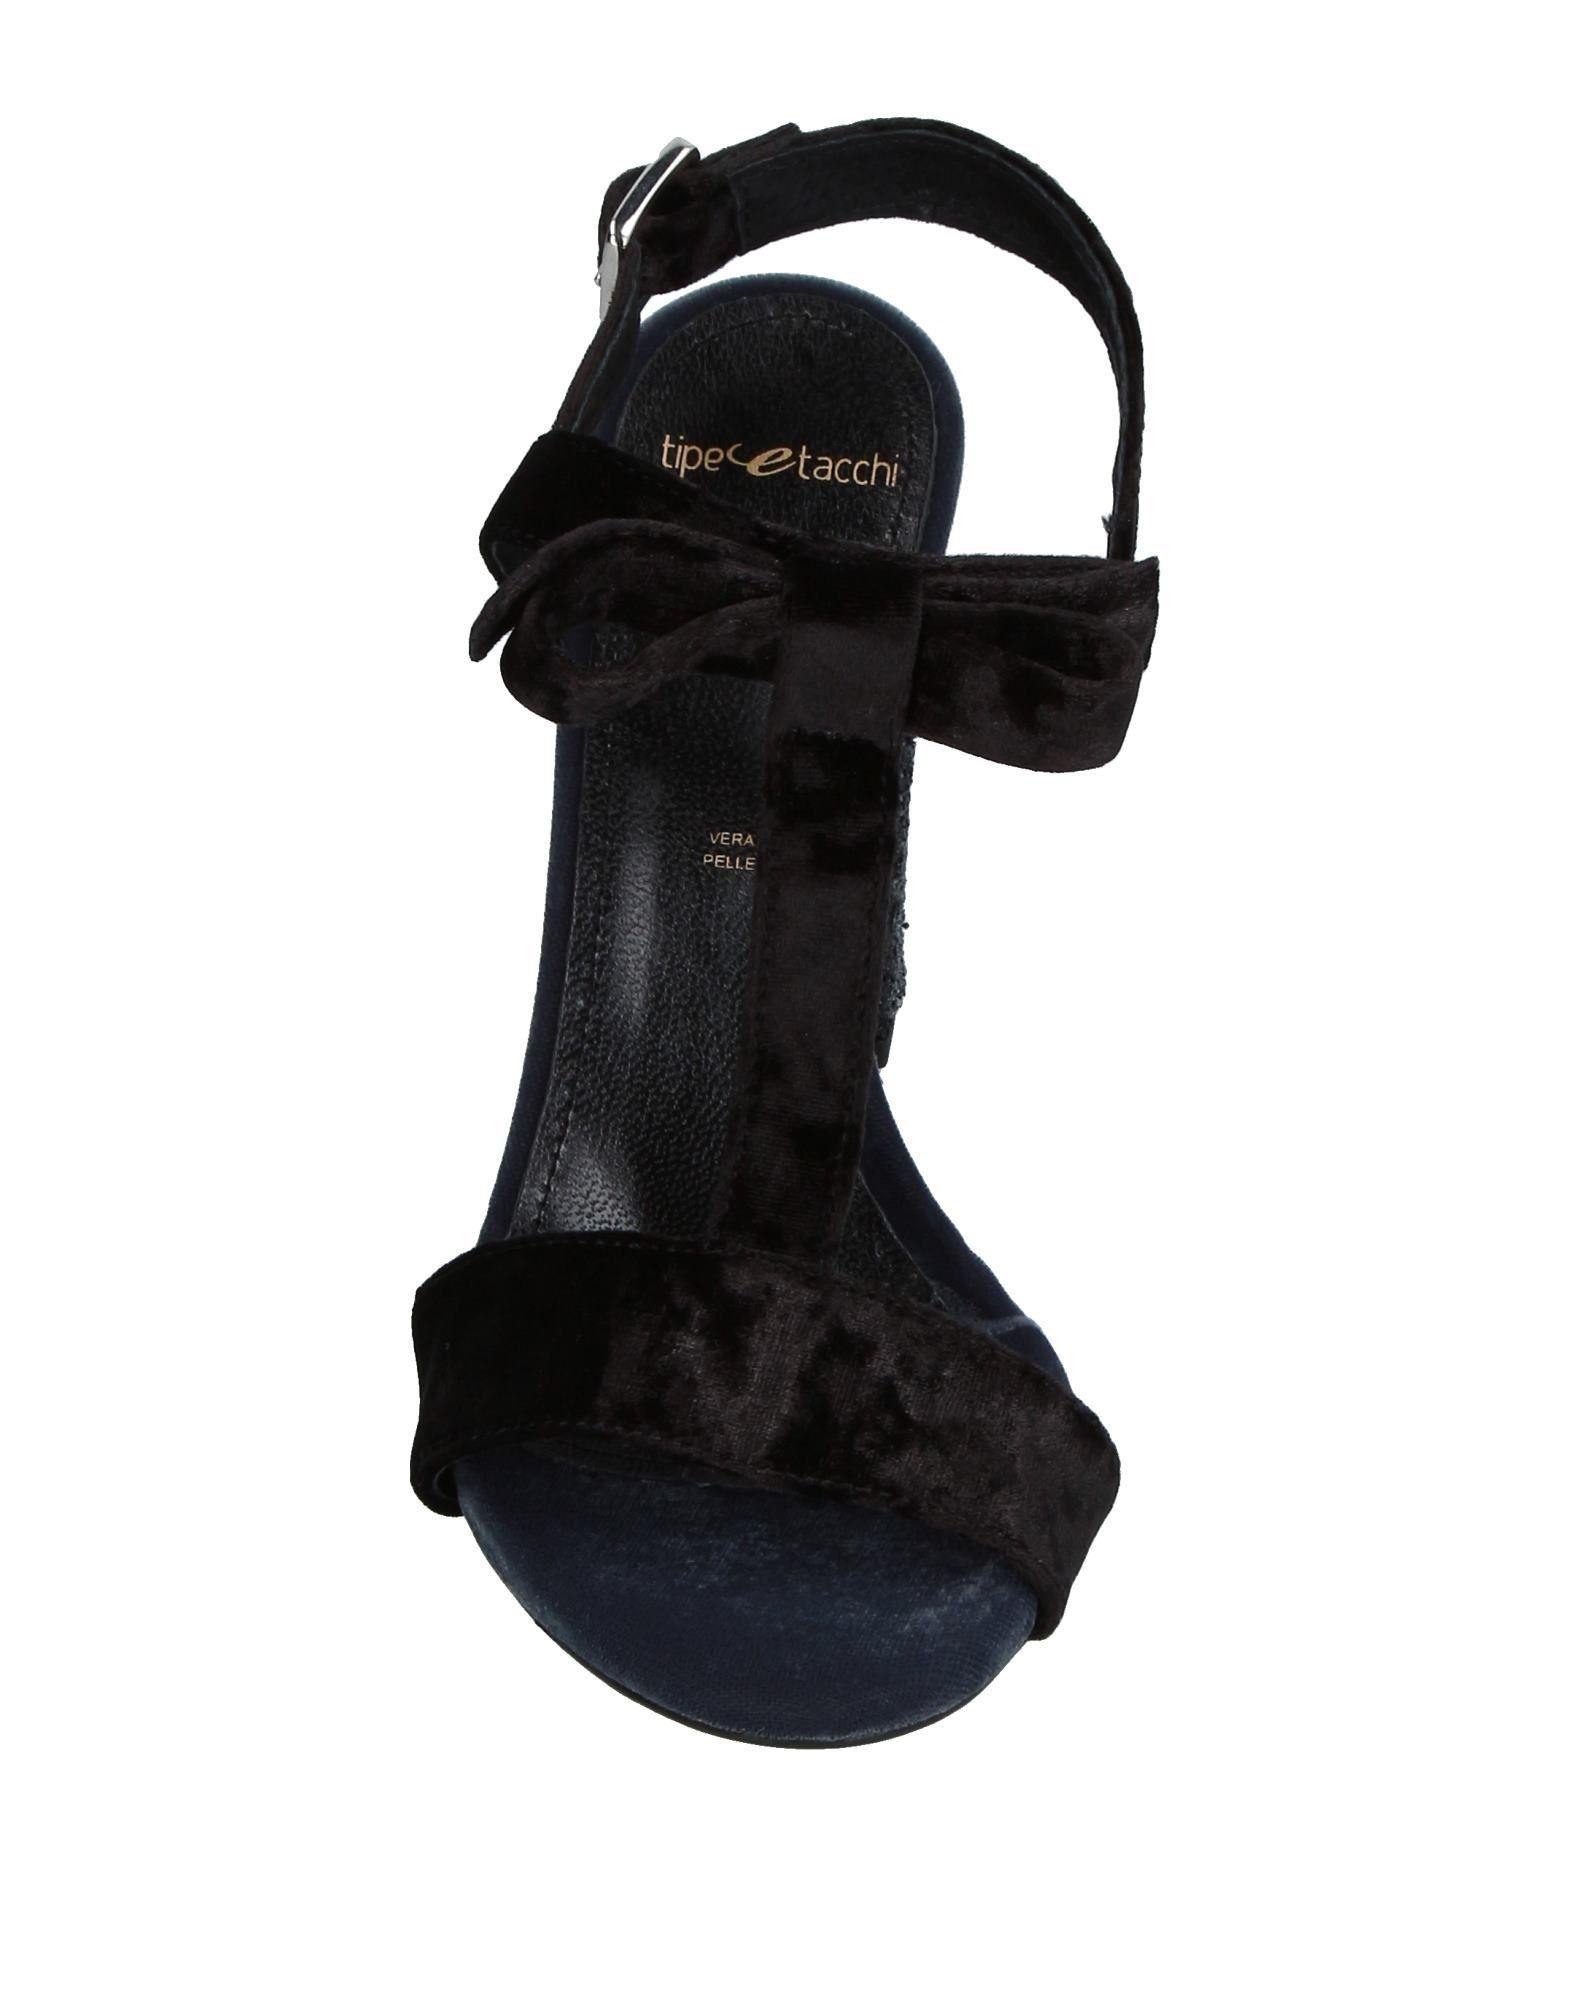 Tipe E Tacchi Sandalen Damen  11226084DP Gute beliebte Qualität beliebte Gute Schuhe 36f09e